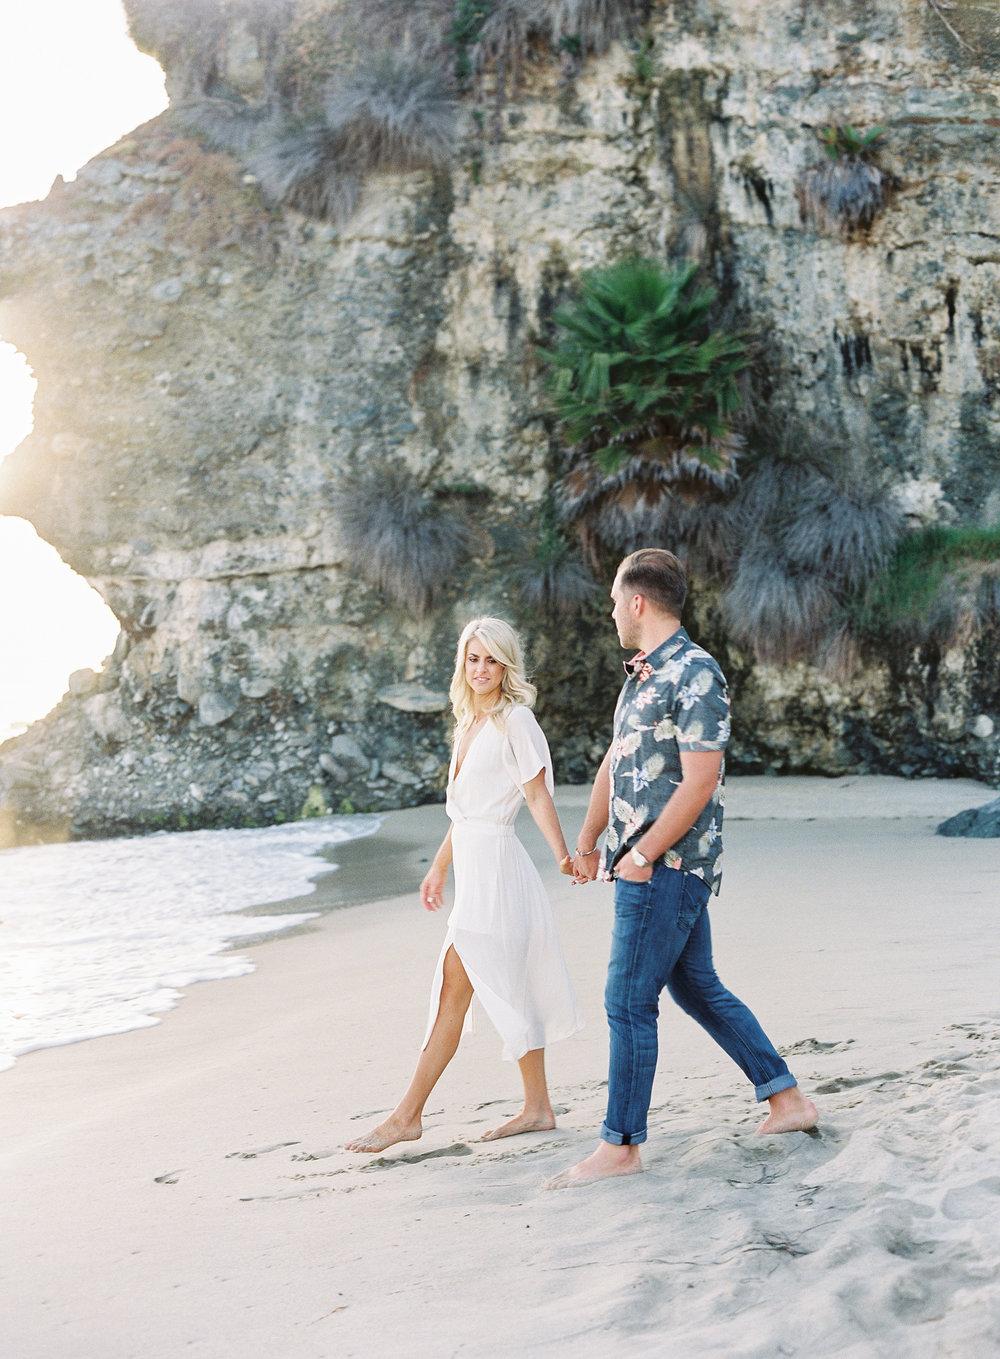 Laguna-Beach-Engagement-Raymond-Chelsea-80.jpg